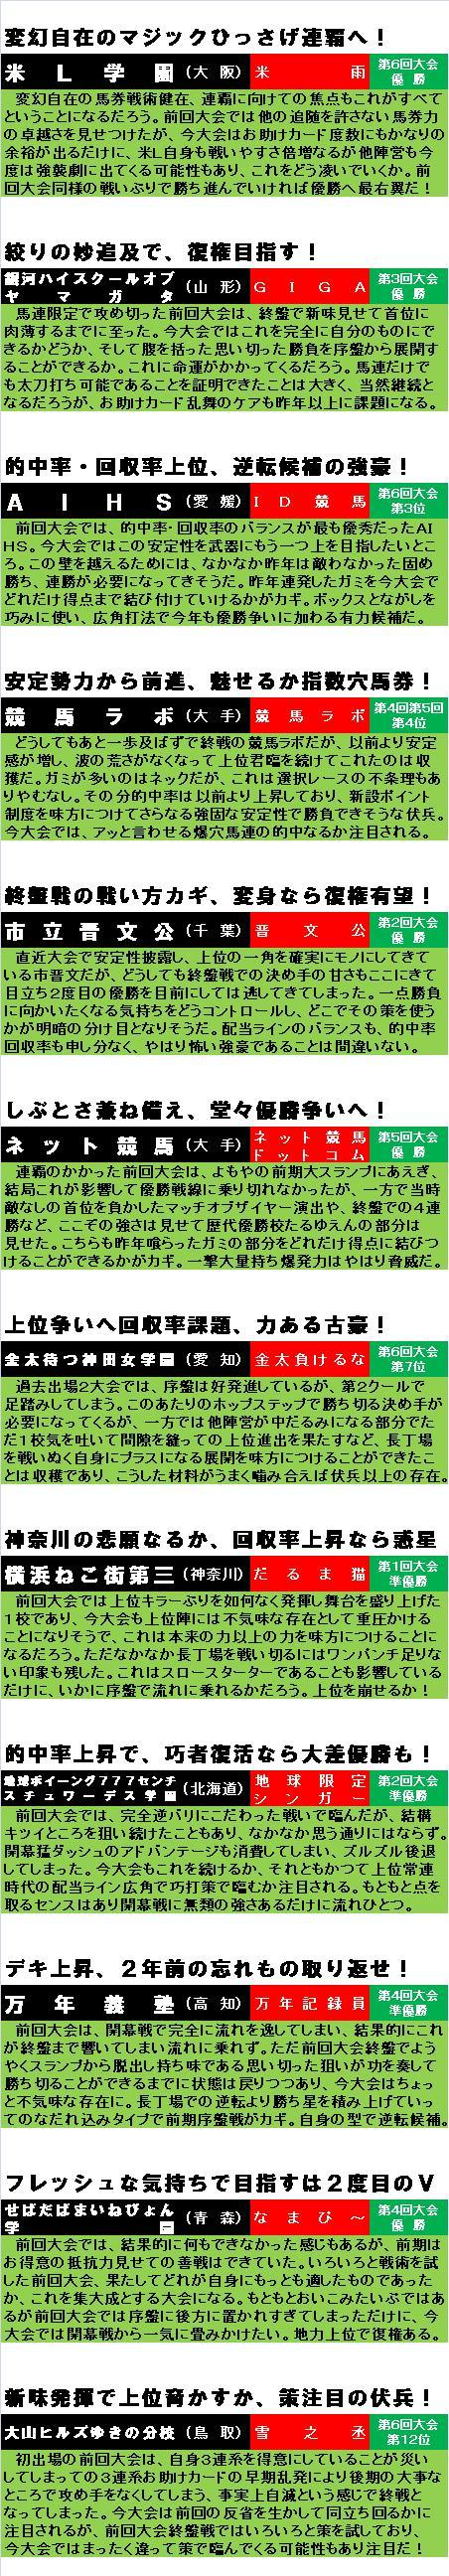 20150512・ダルマンリーグ第7回大会メンバー紹介.jpg